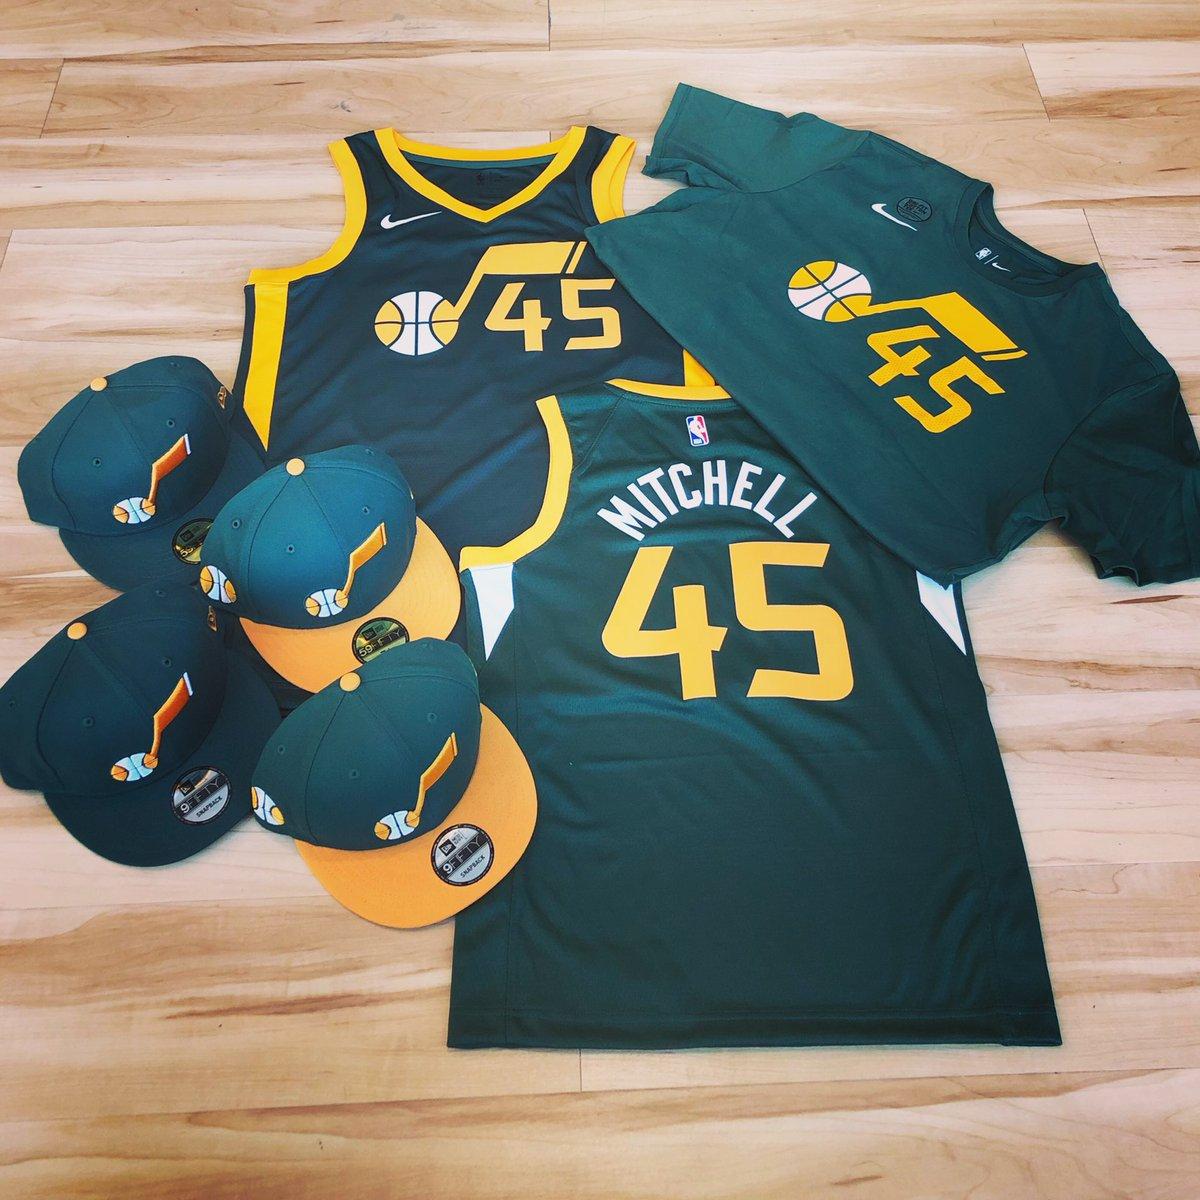 aed332ed Utah Jazz Team Store on Twitter: